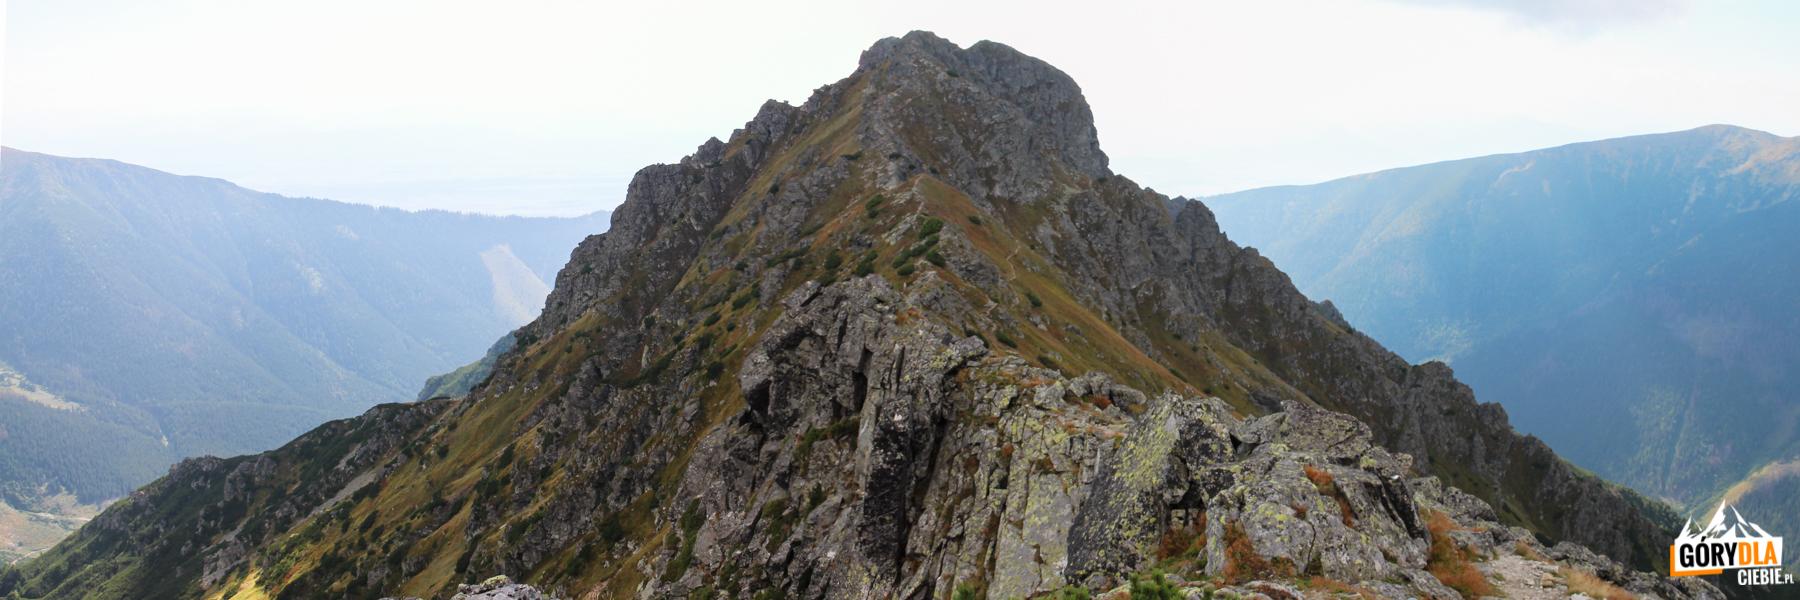 Pośrednia Magura (2050 m) widziana odstrony Wyżniej Magury (20950 m)